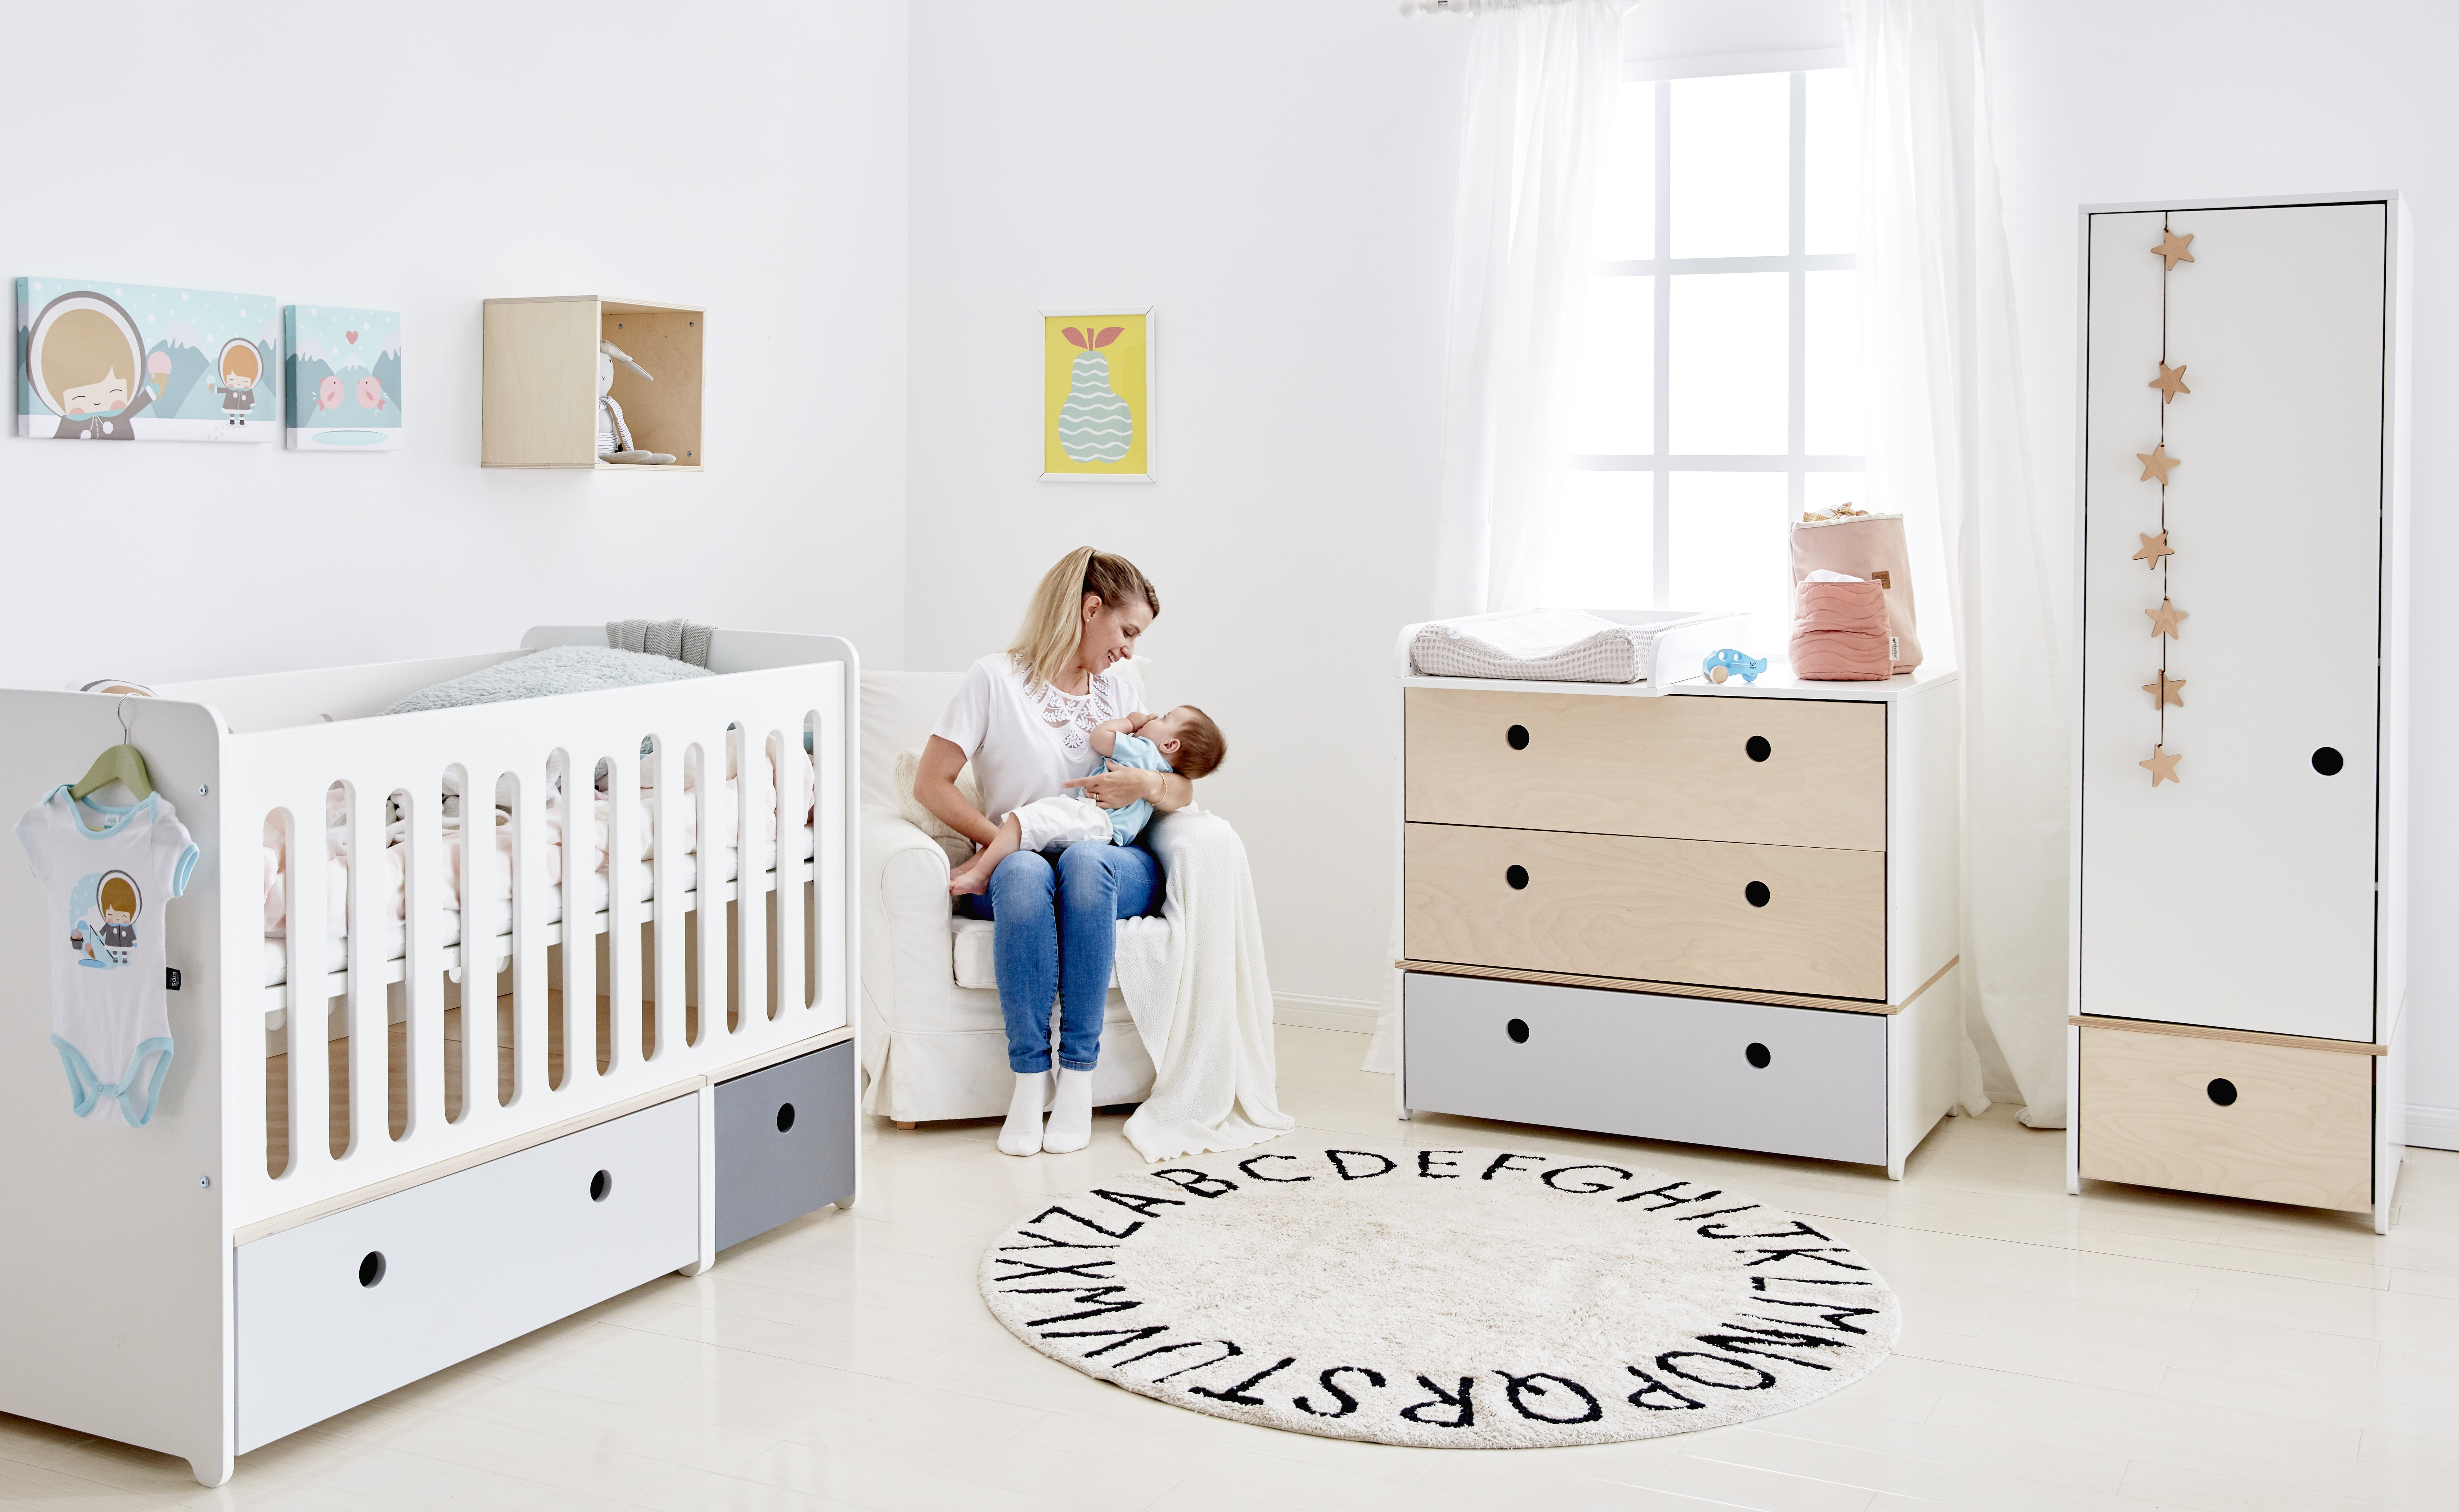 Maman Est Tranquille Pour S Occuper De Son Bebe Colorflex Bebe2019 Kidslife Lovebyak Chambre Bebe Chambre Enfant Decoration Chambre Bebe